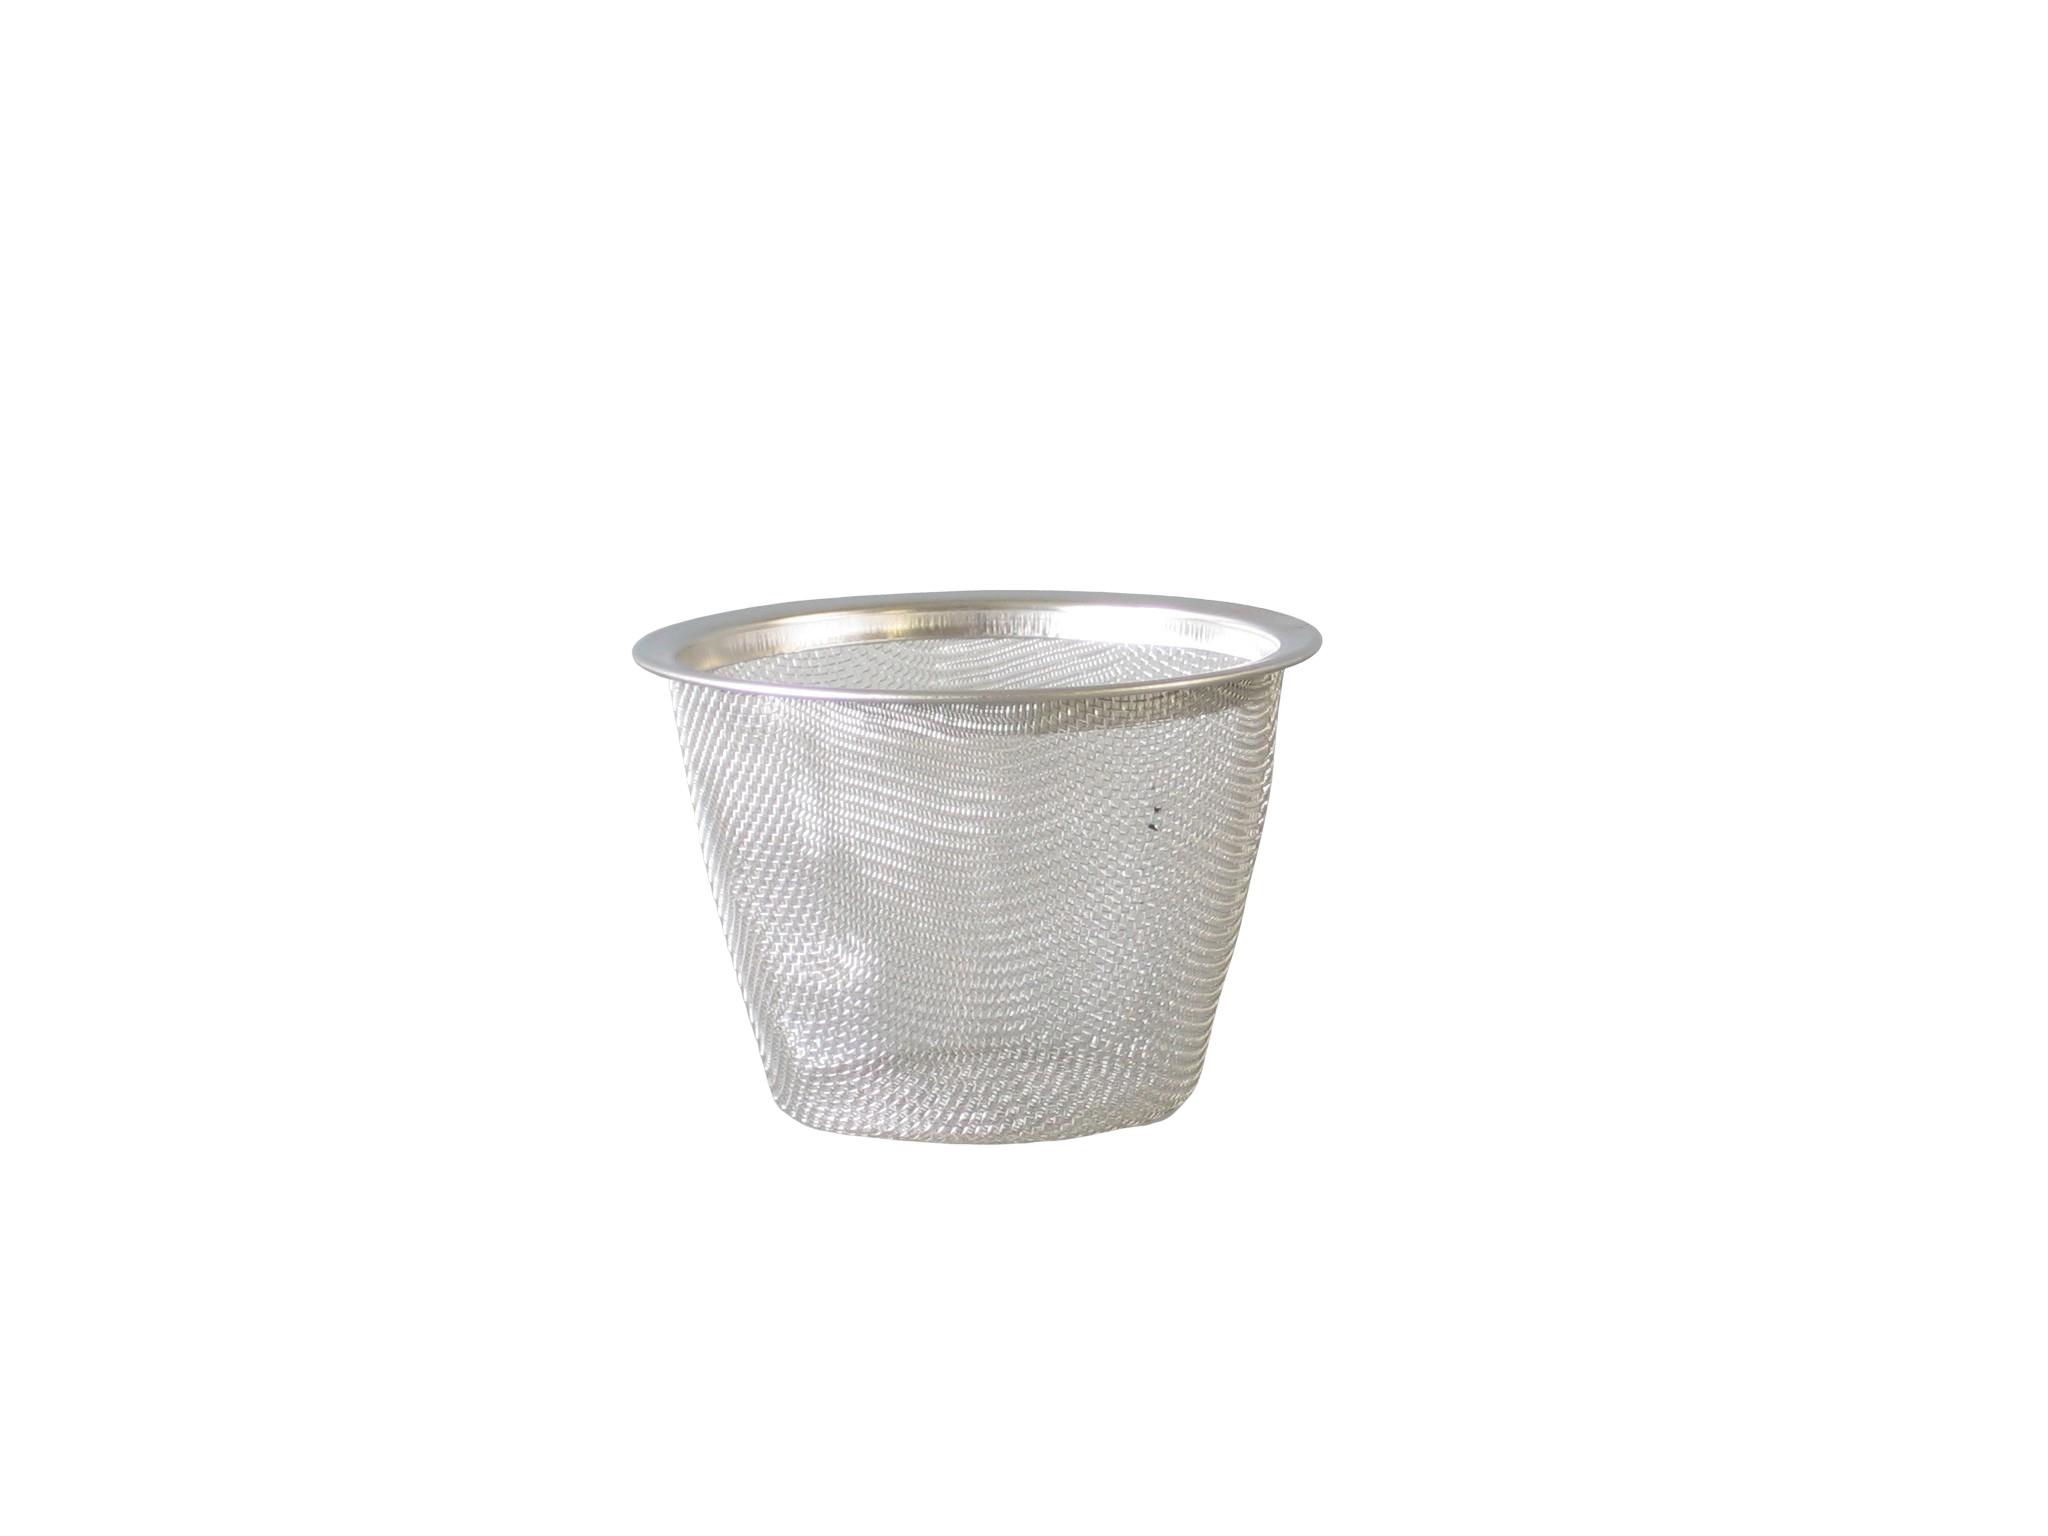 MOUNTAIN045-049 - Theepot gietijzer geémail. binnenkant 0.45 L Donker grijs - Green Leaf